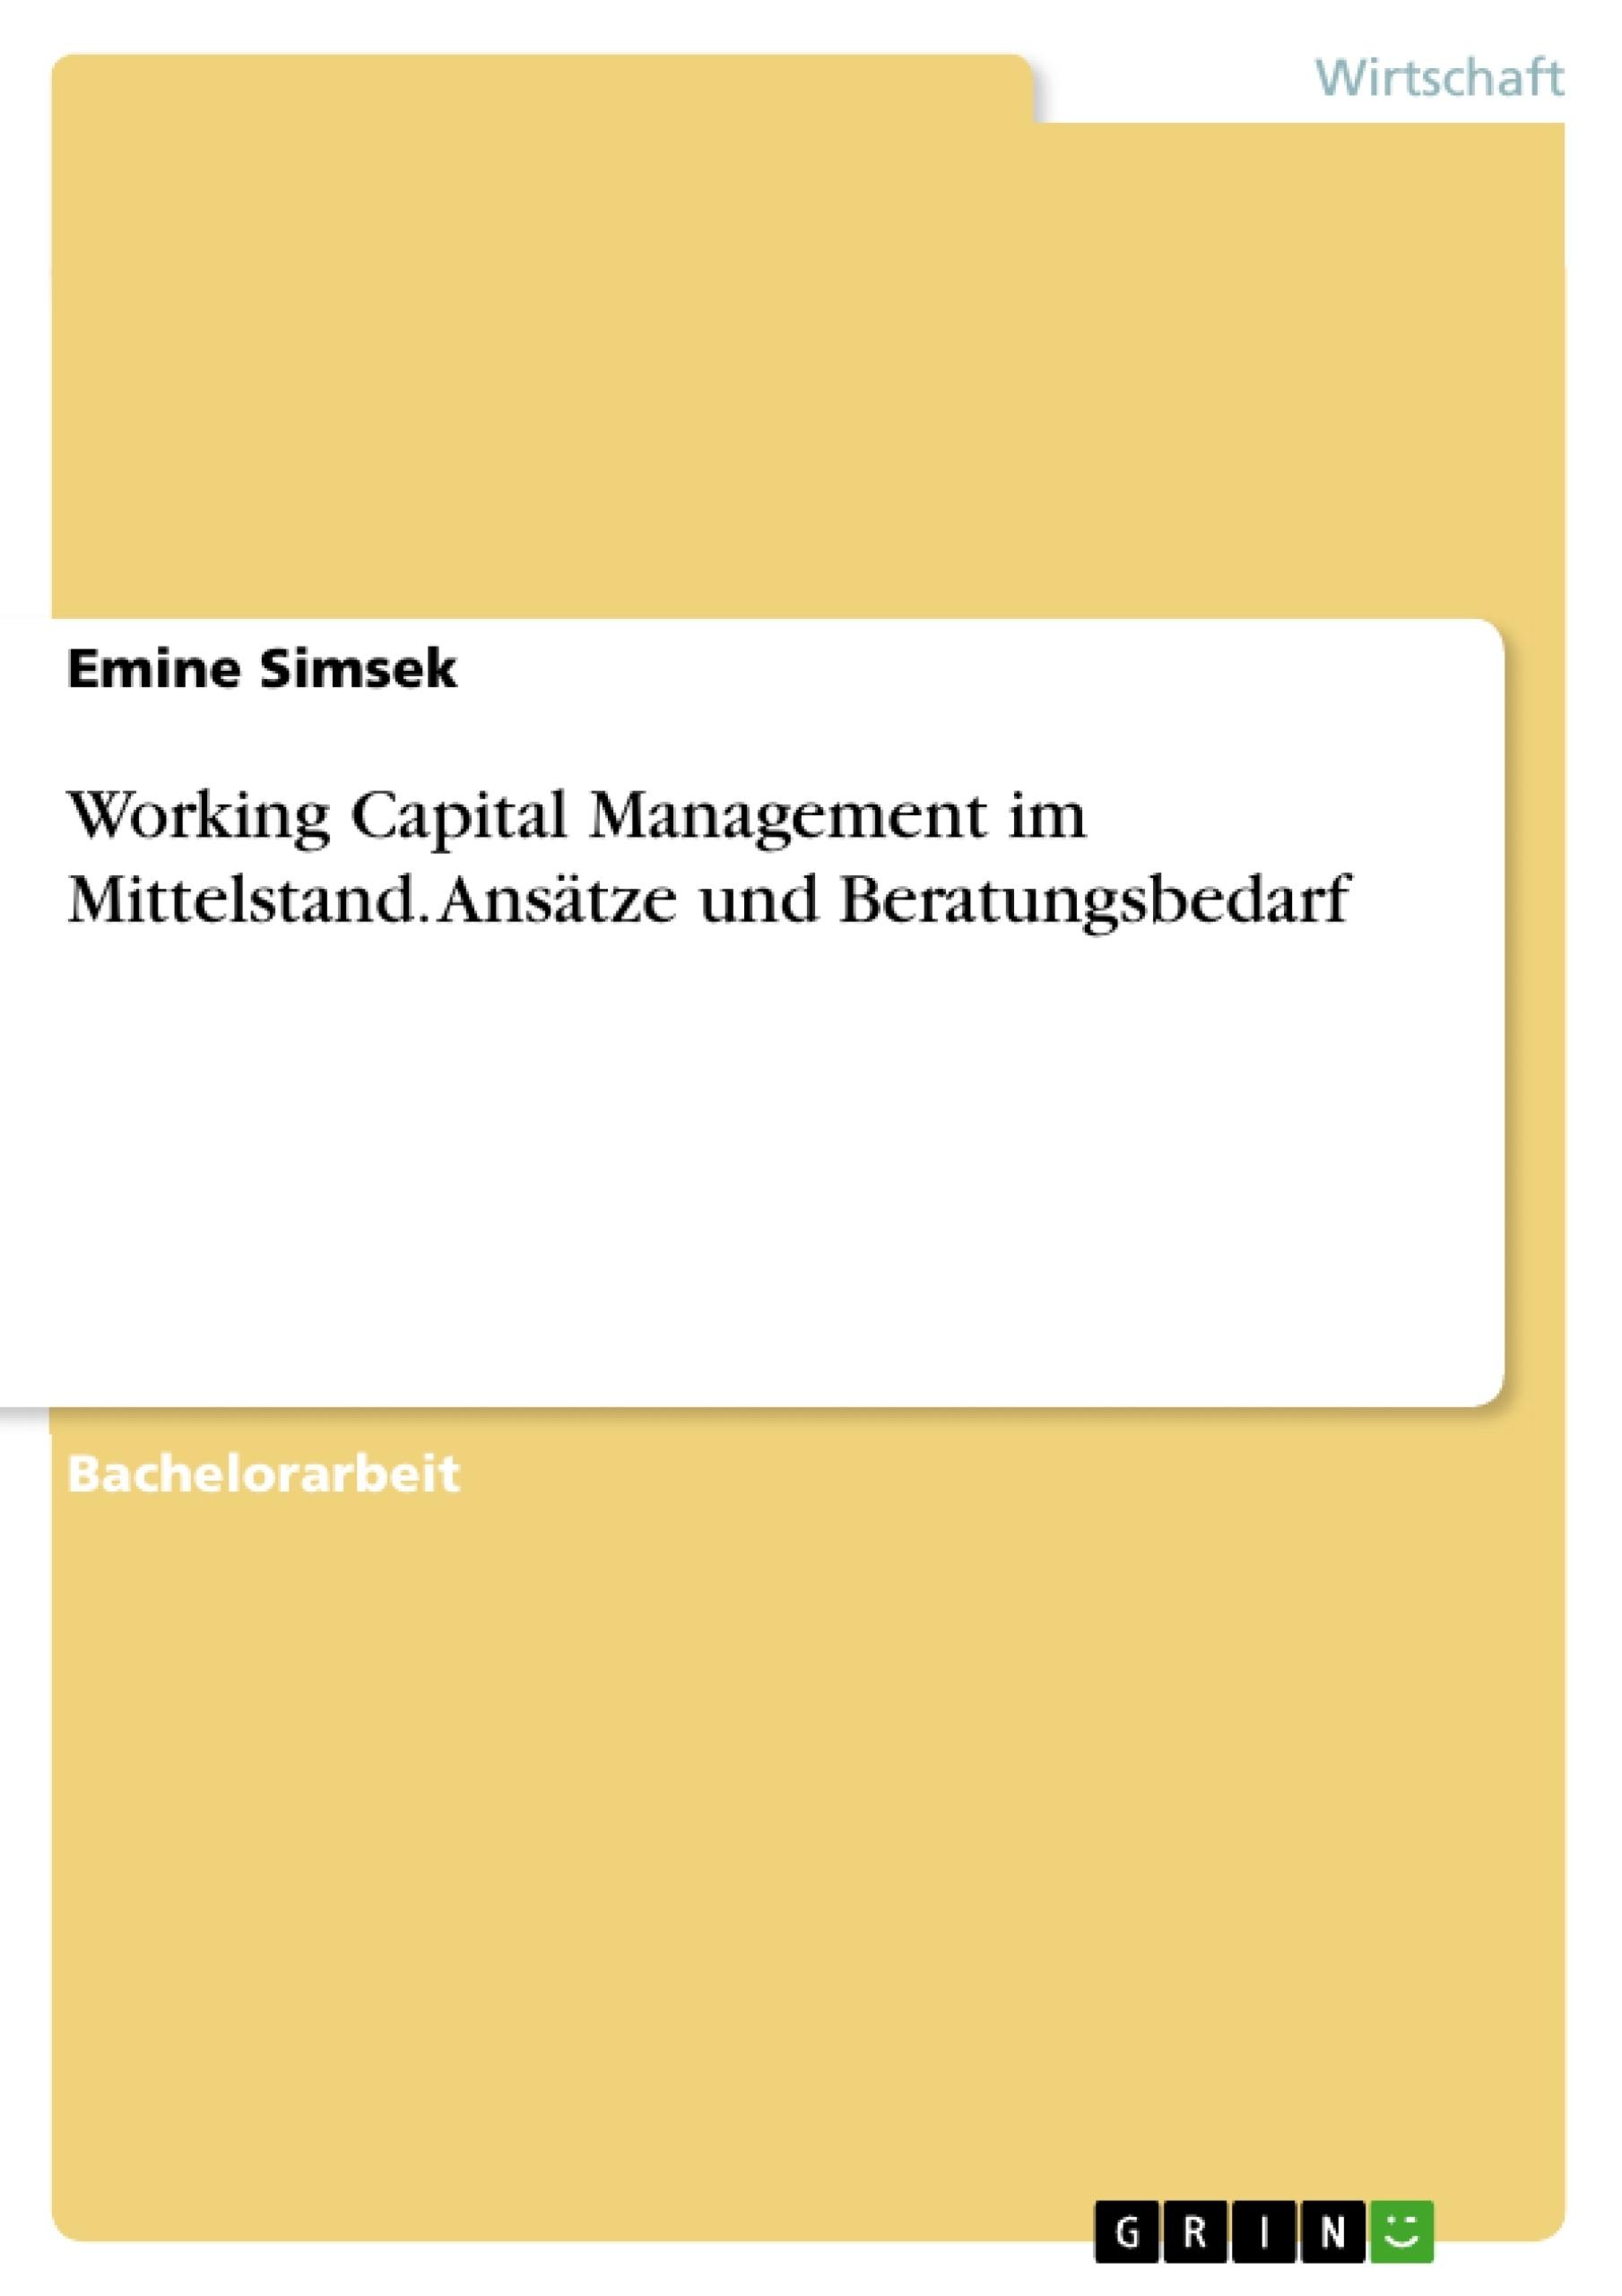 Titel: Working Capital Management im Mittelstand. Ansätze und Beratungsbedarf